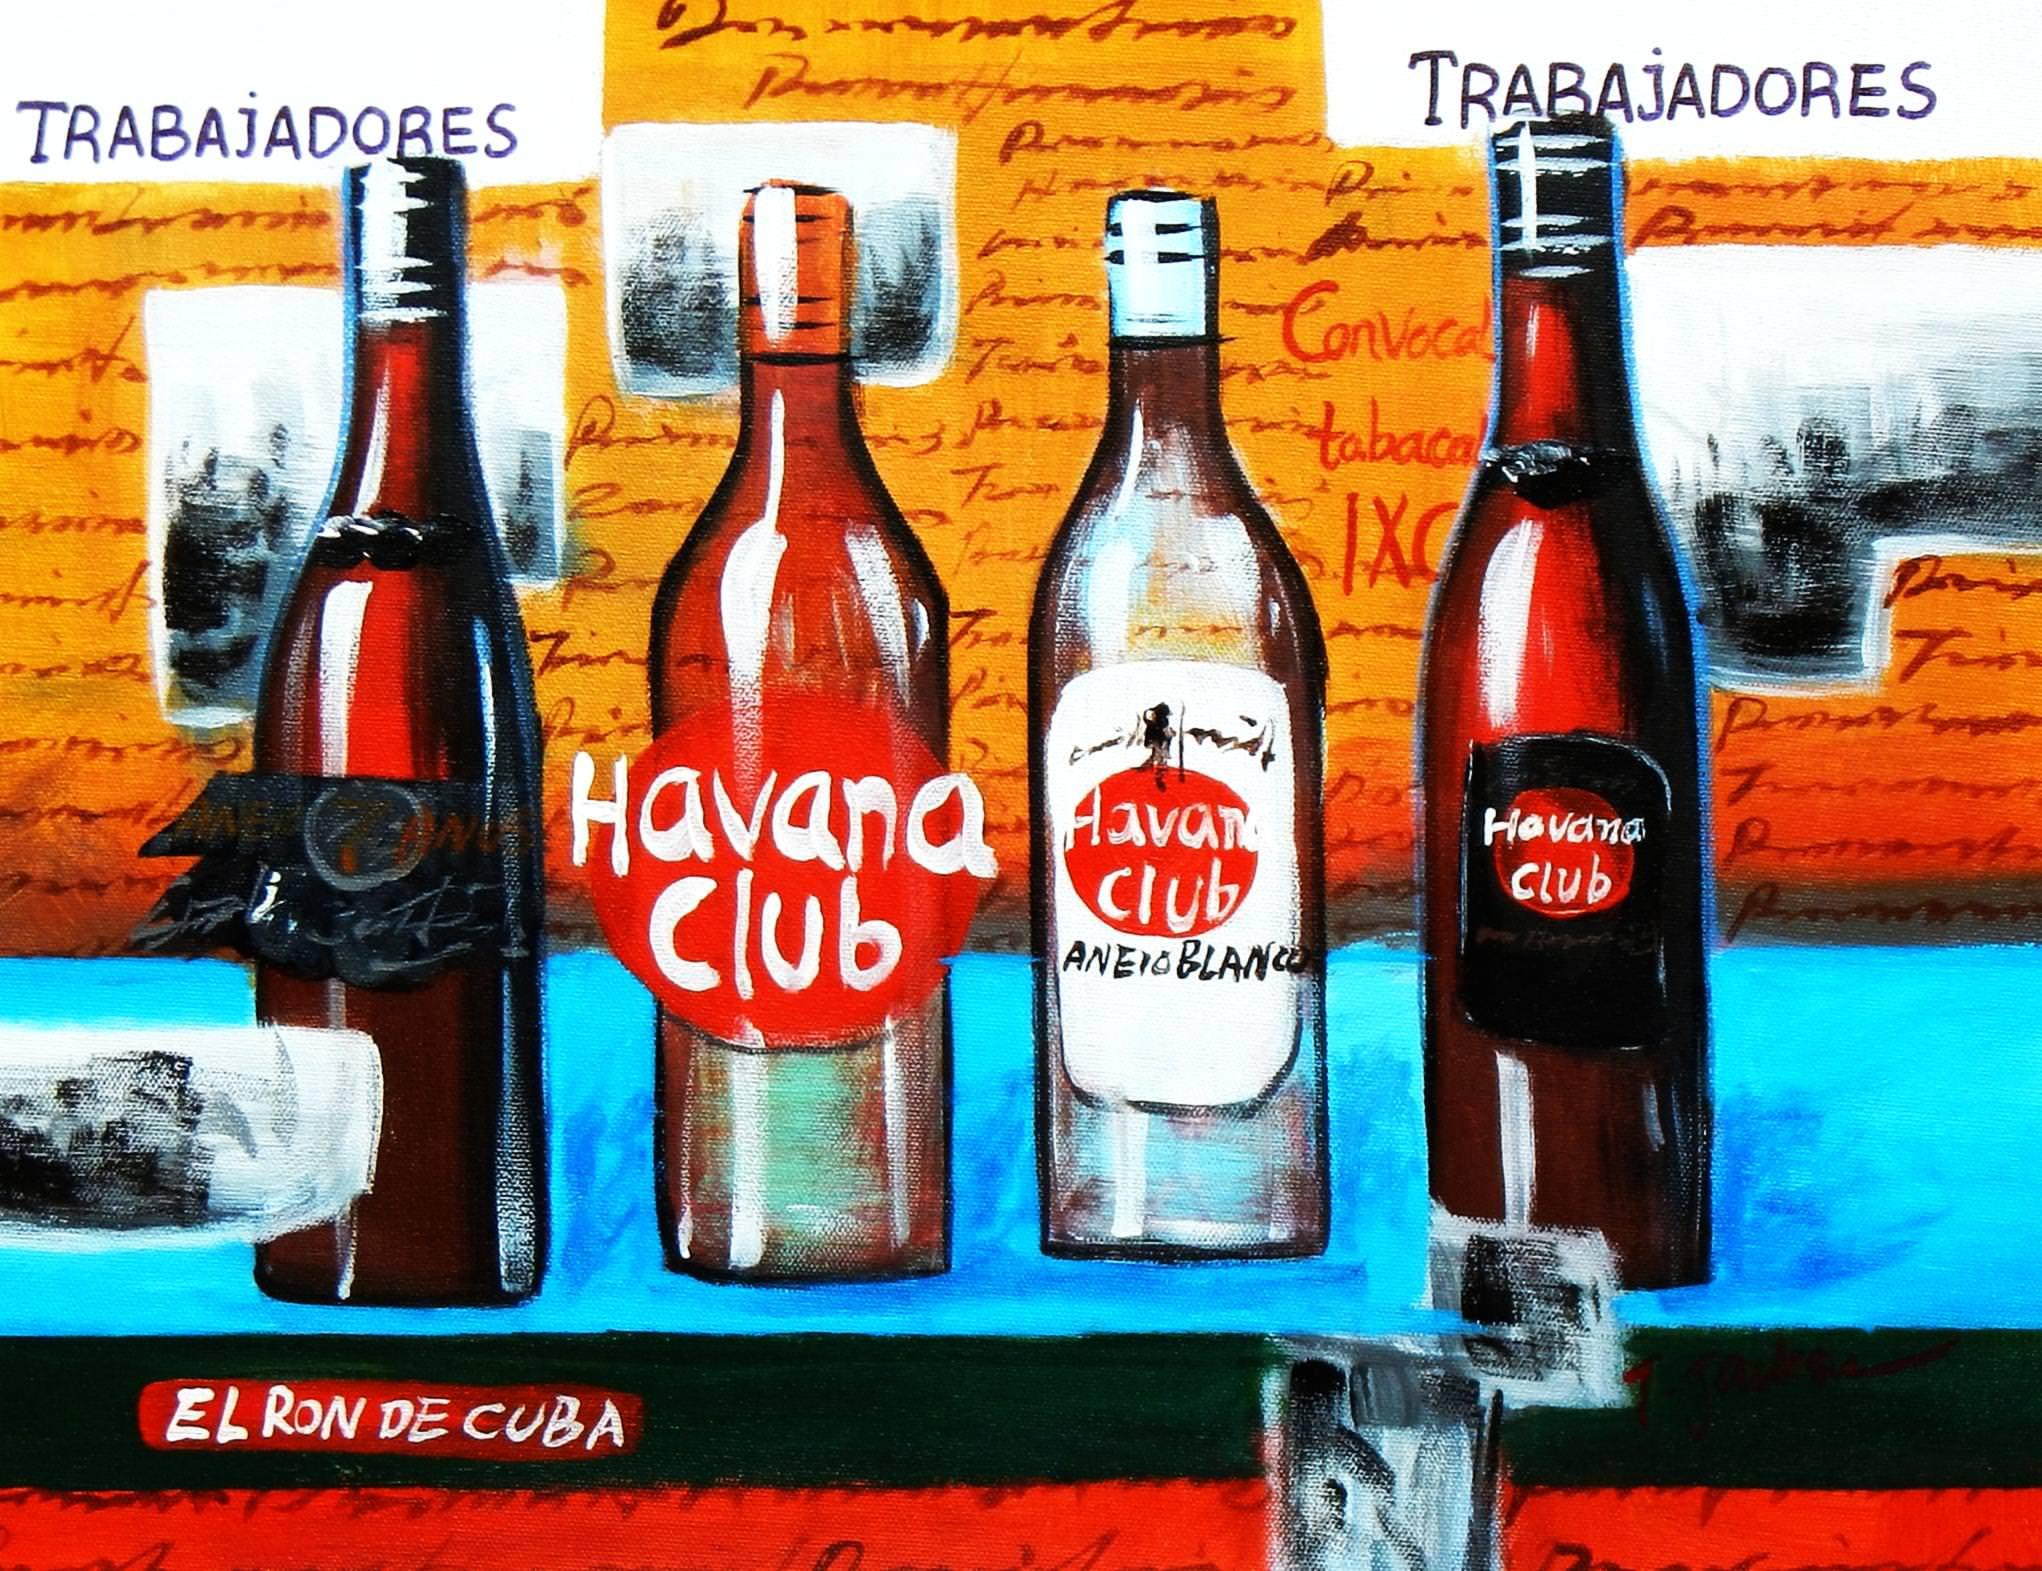 Cuba Havana Club Party a92851 30x40cm Ölgemälde handgemalt